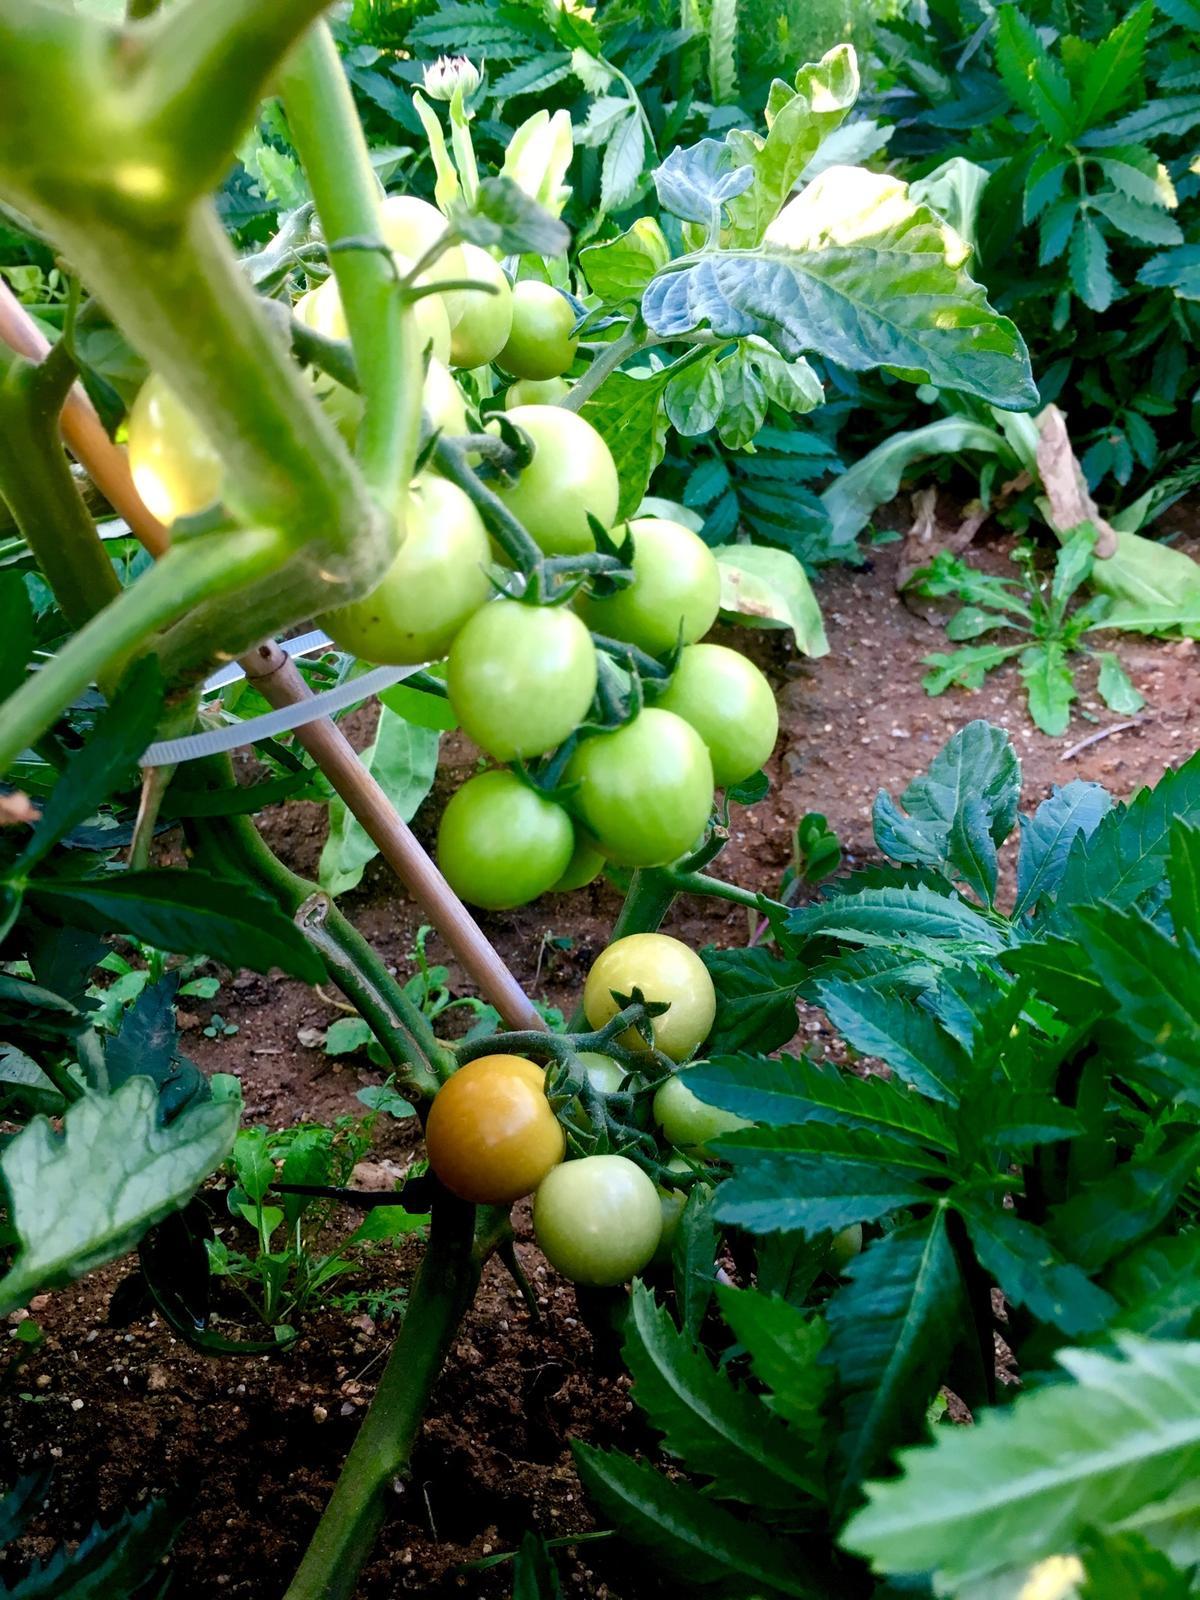 Skřítčí zahrada 2015 - 2020 - Červenec 2019 - první rajčata (koupené sazenice cherry tyčkových) konečně začínají chytat barvu